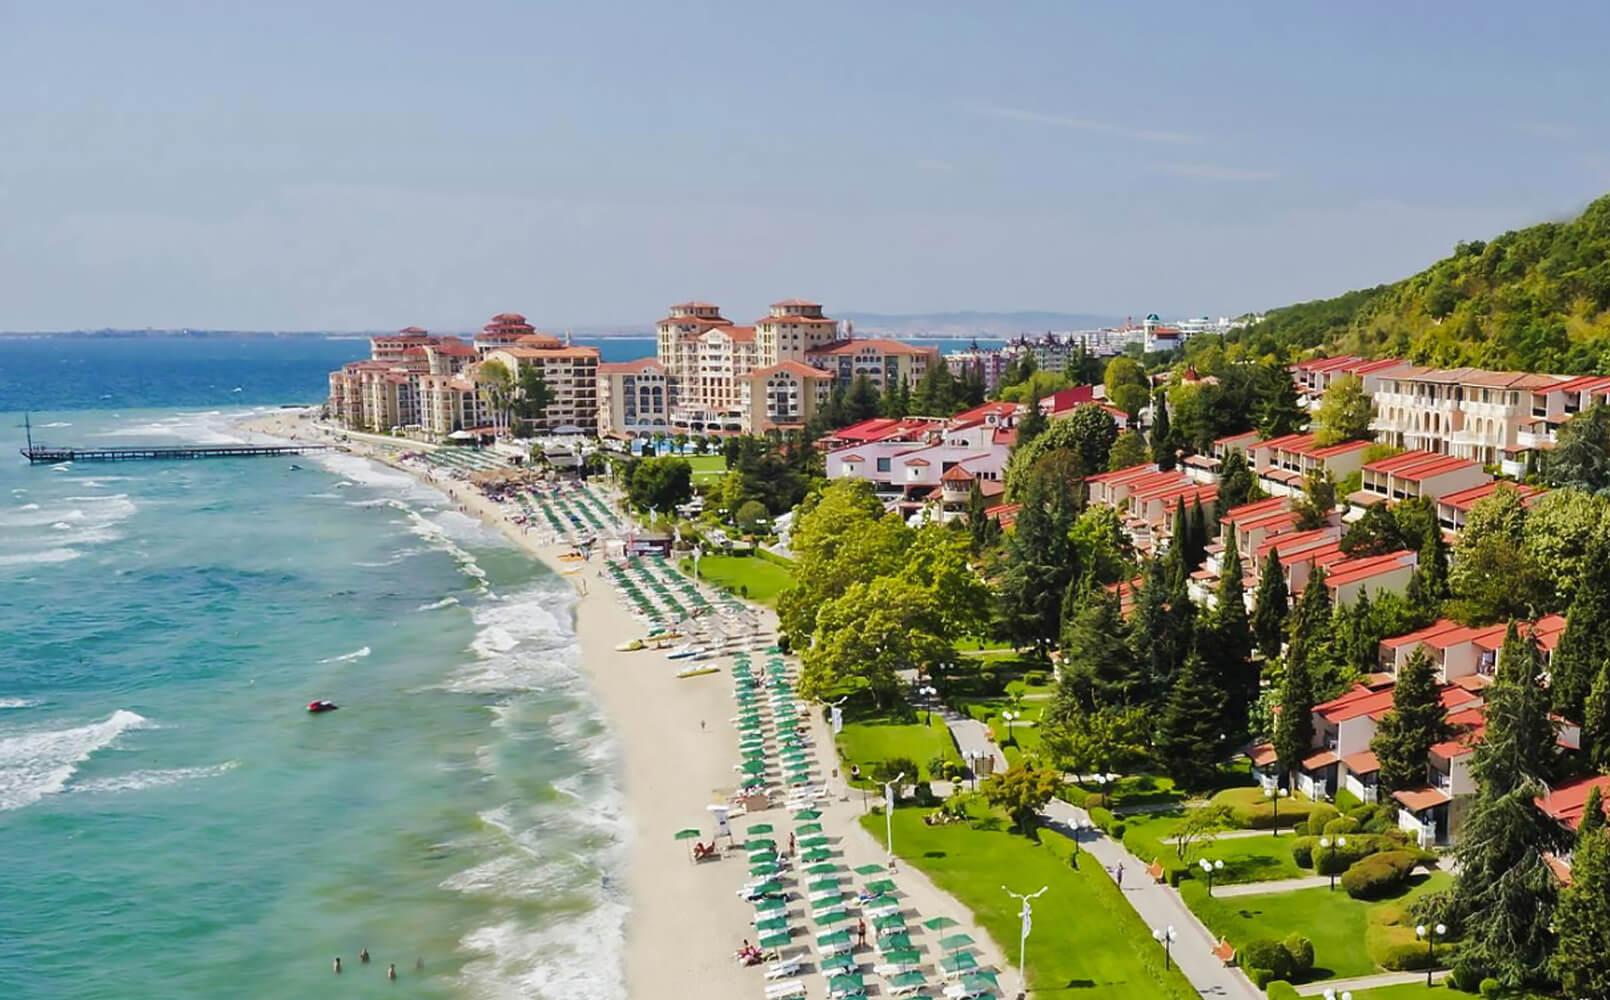 Елените курорт в Болгарии